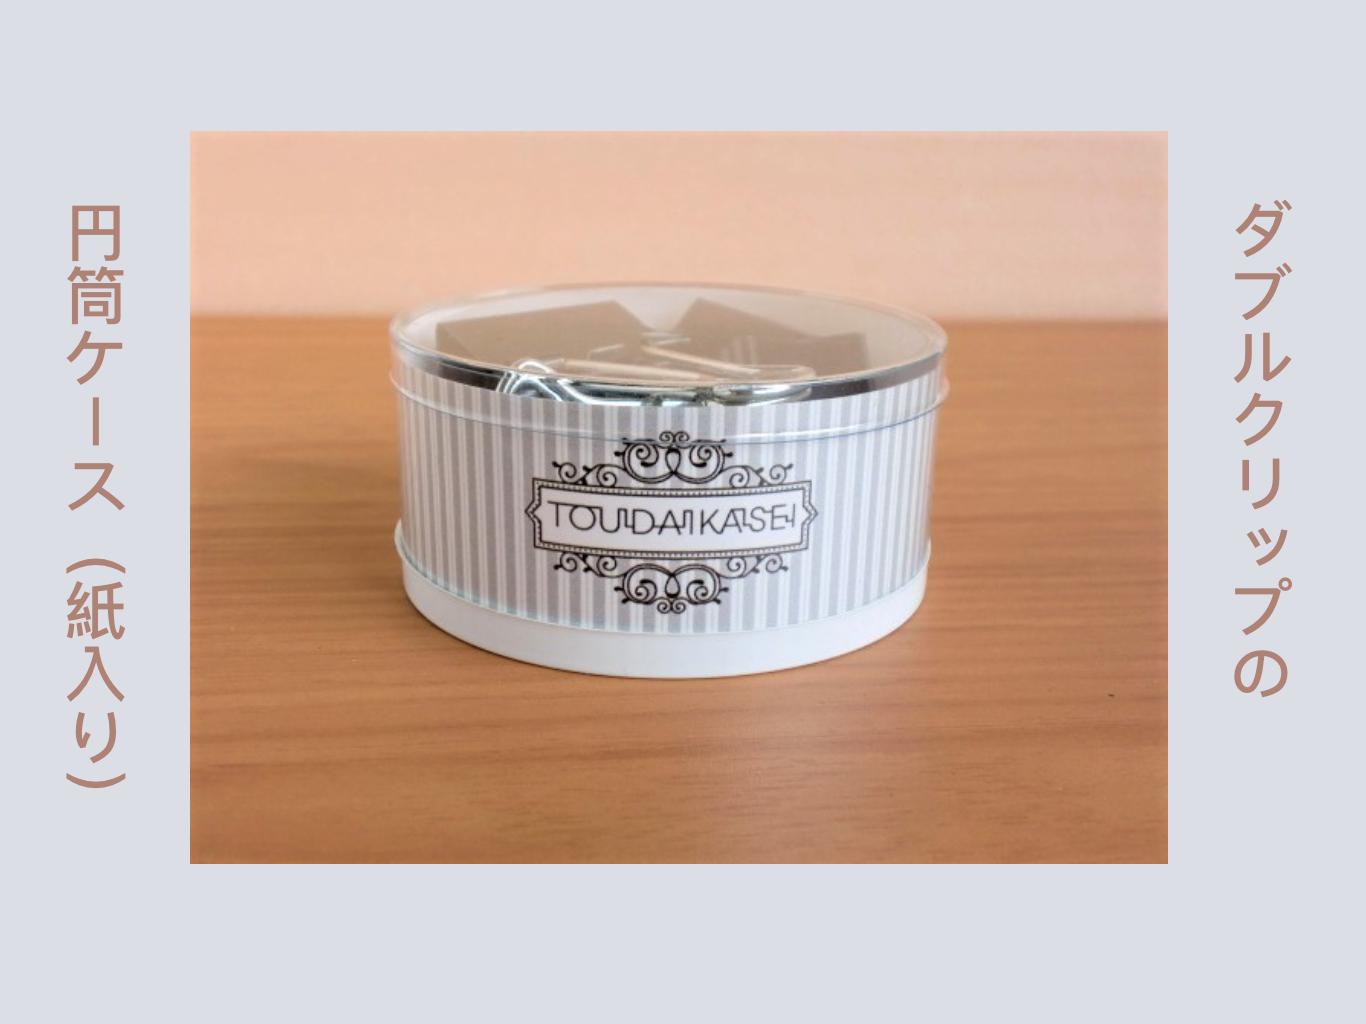 ダブルクリップの円筒ケース(白)